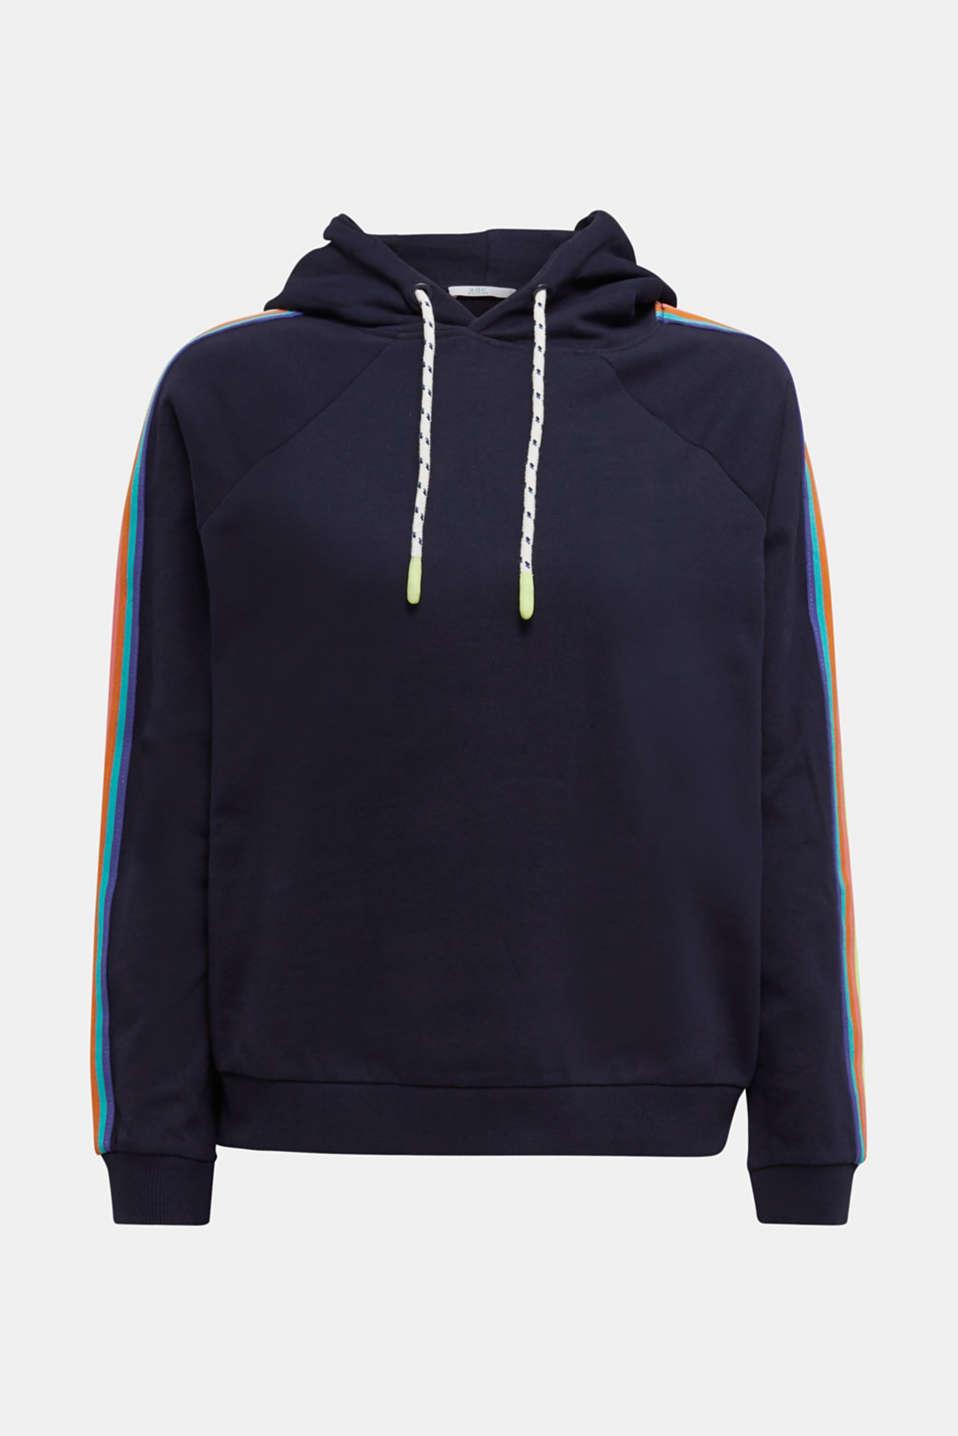 Sweatshirt hoodie with appliquéd stripes, NAVY, detail image number 5